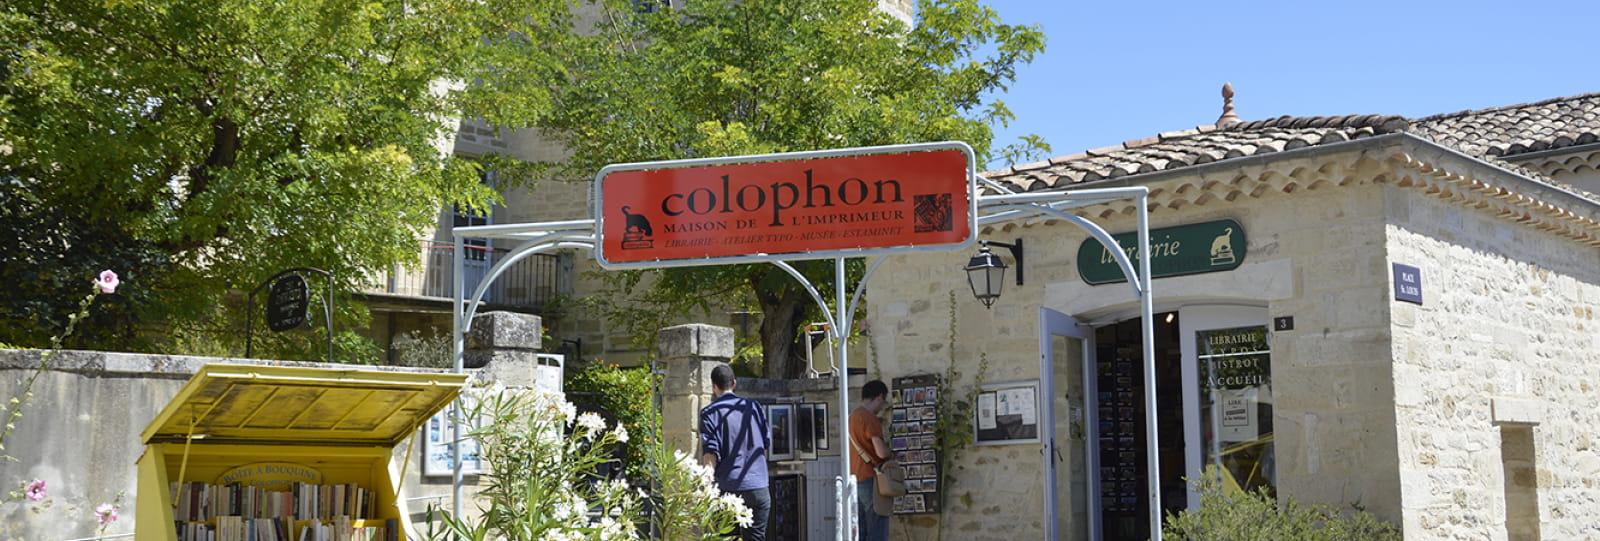 Maison de l'Imprimeur - Atelier-Musée Colophon